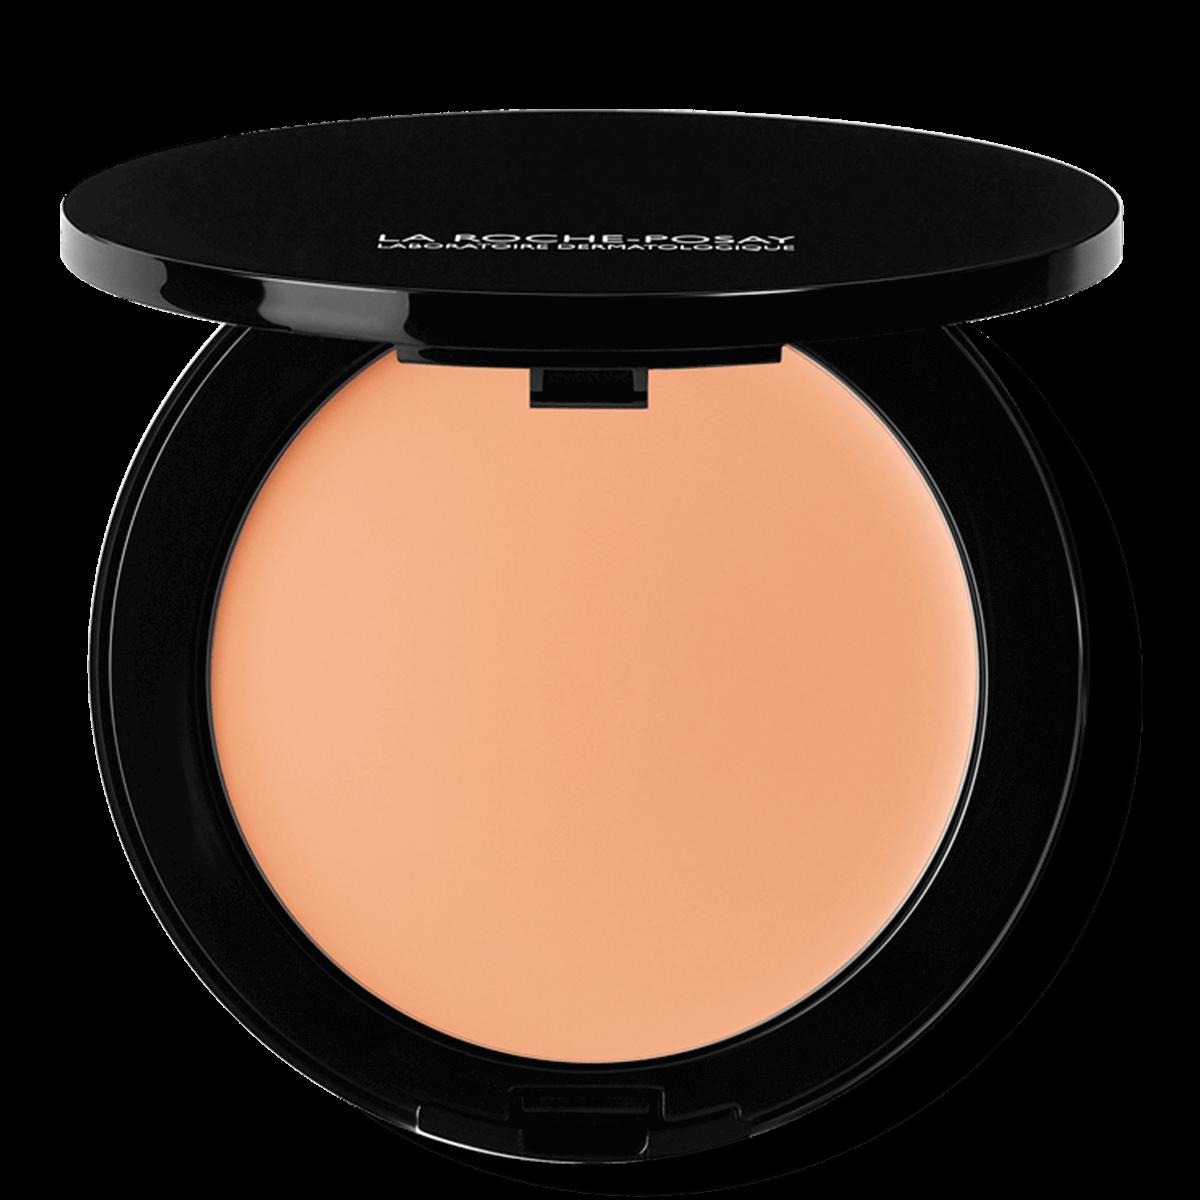 La Roche Posay Sensitive Toleriane Make up COMPACT_CREAM_11LightBeige